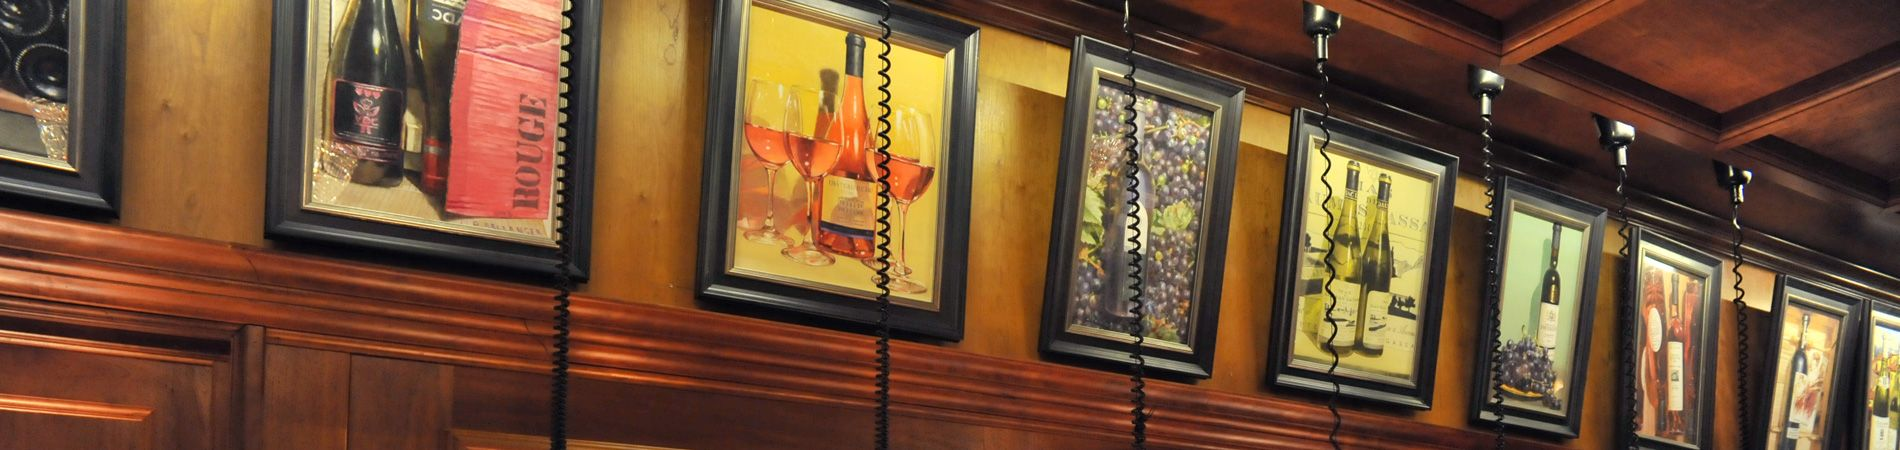 Les pastels de l'artiste Alain Bellanger sur les murs du restaurant grands buffets